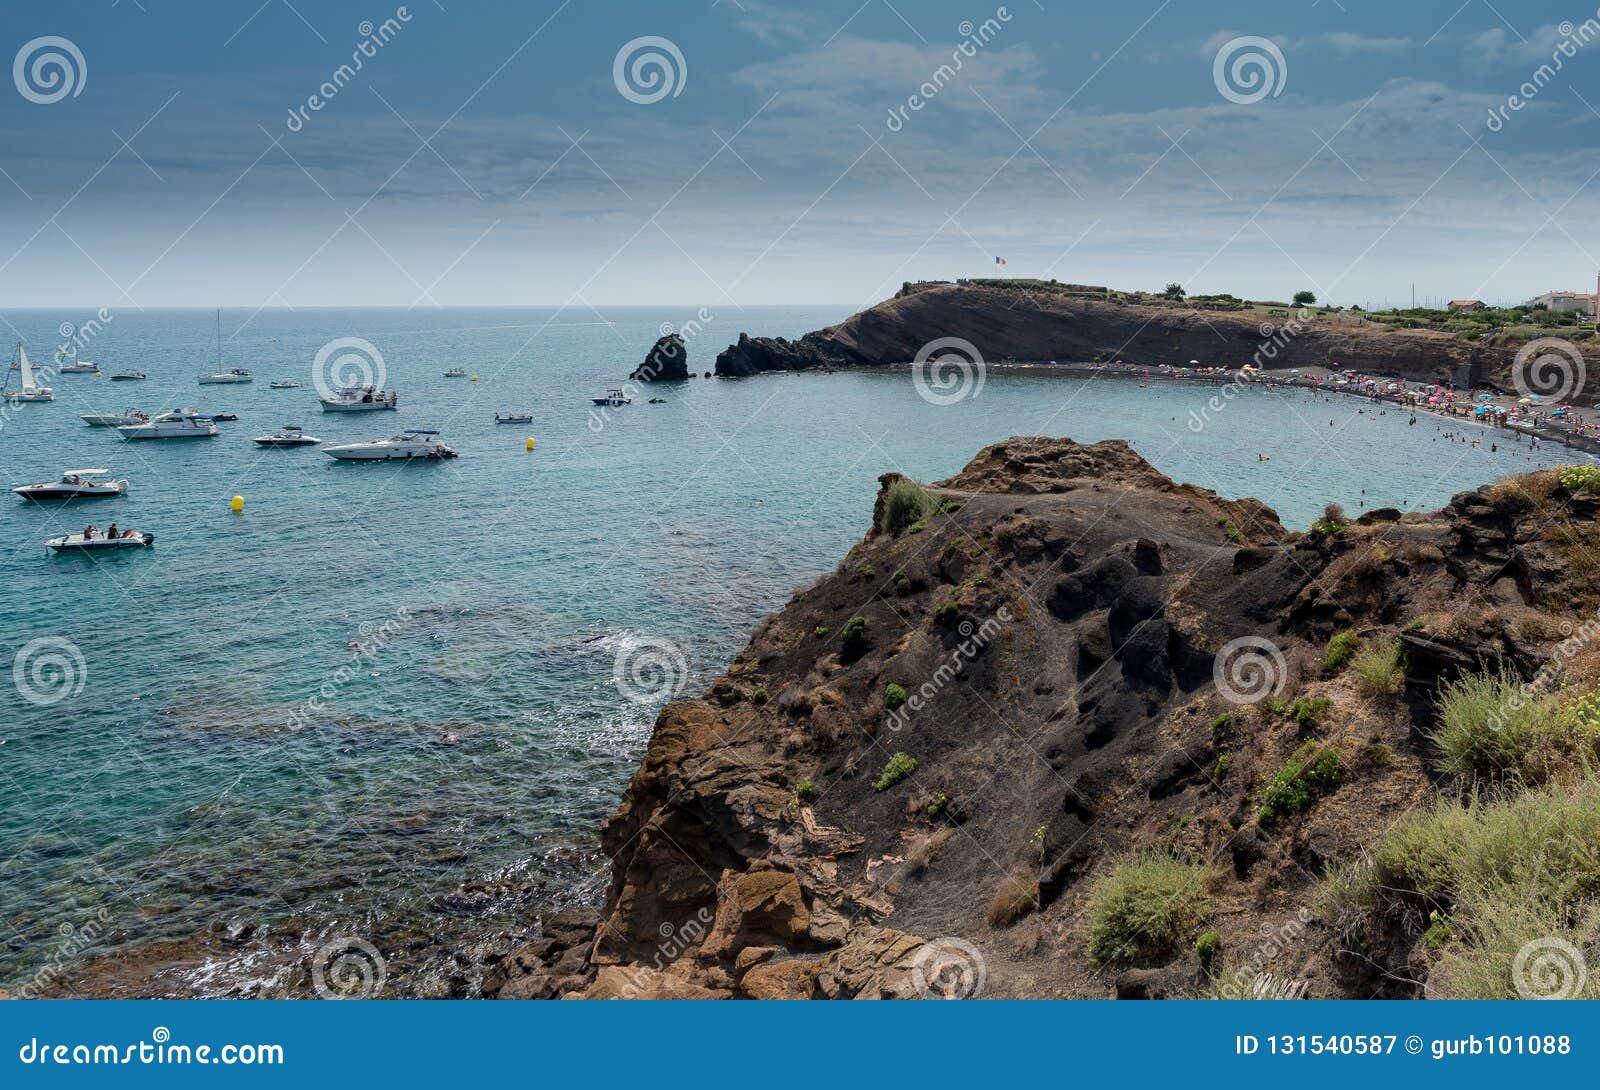 Pics cap d agde Cap d'Agde